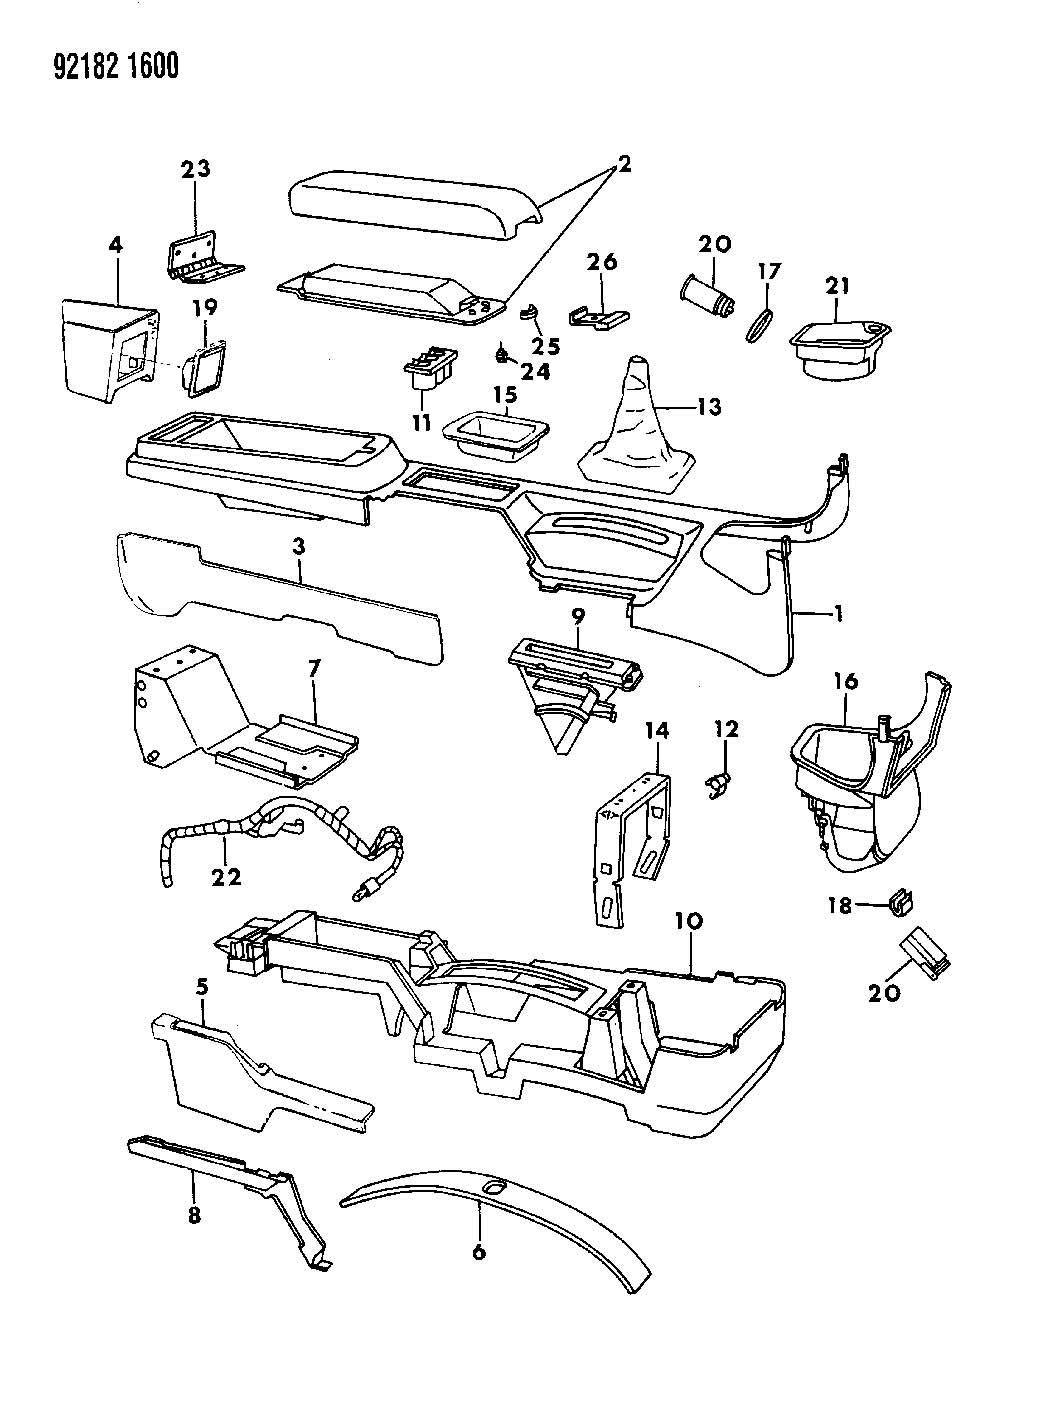 Service manual [How To Remove 1992 Chrysler Lebaron Hub